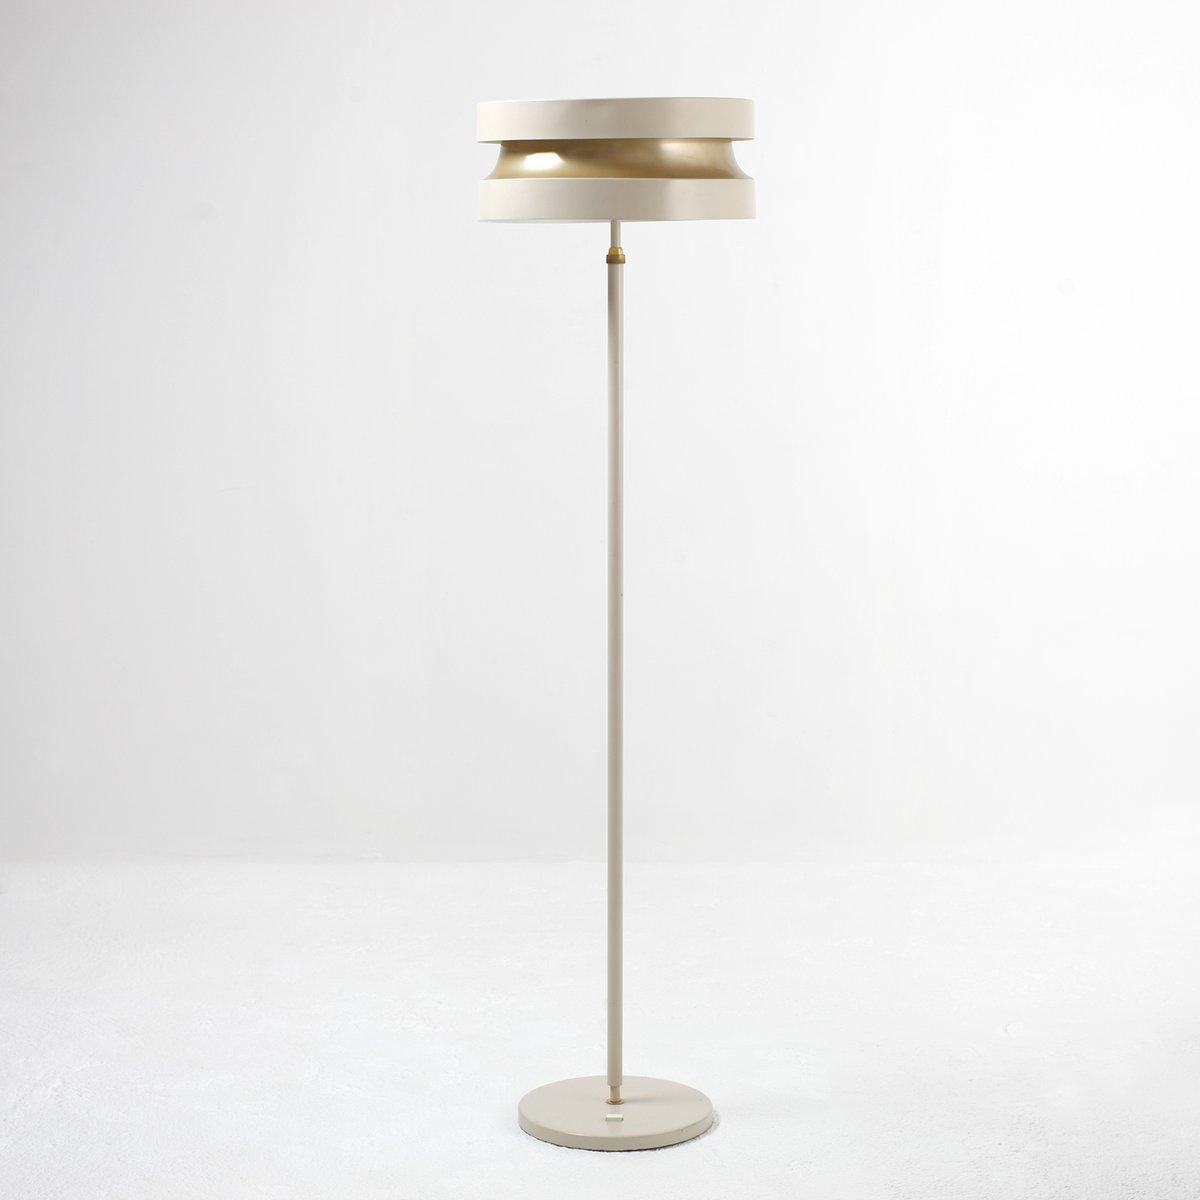 Stehlampe von Lisa Johansson-Pape für Orno, 1960er